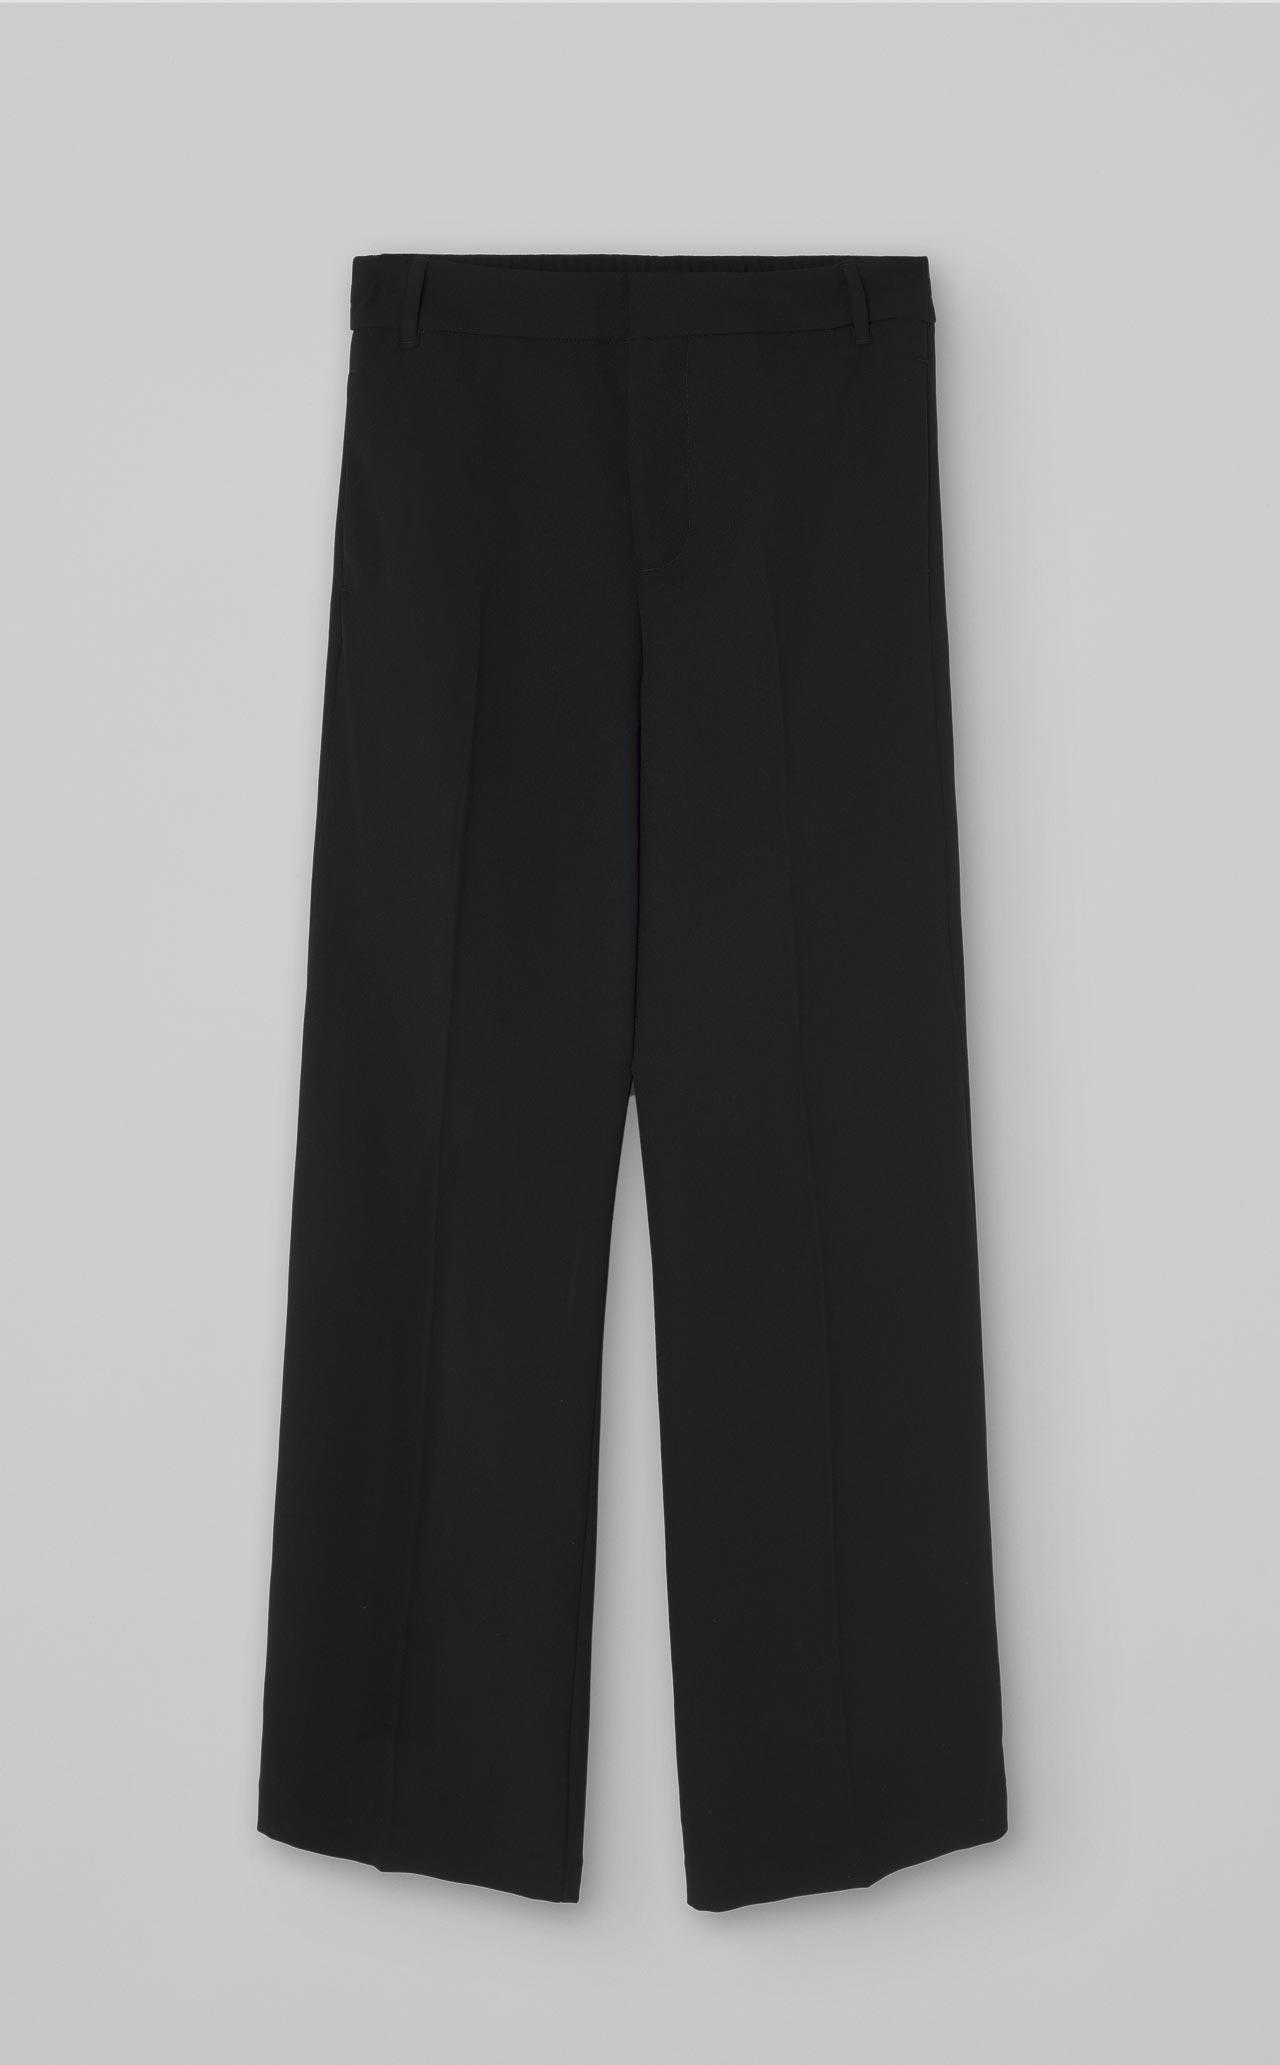 Pantalon Biki